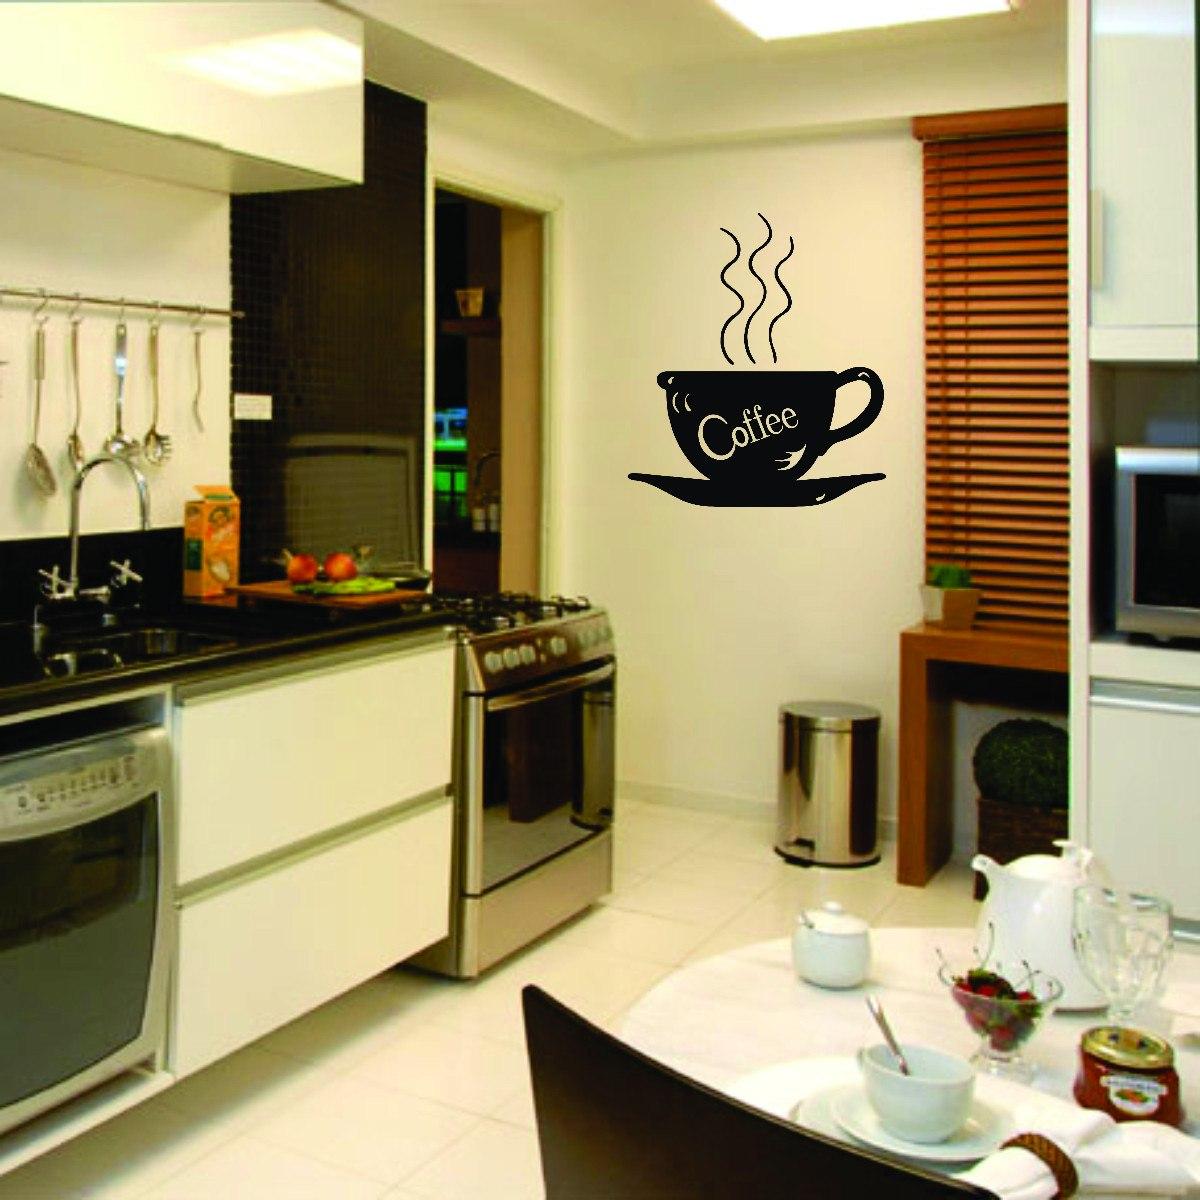 Adesivo Decorativo De Parede Cozinha Cafe Coffee Pia Armário R$ 18  #B64907 1200x1200